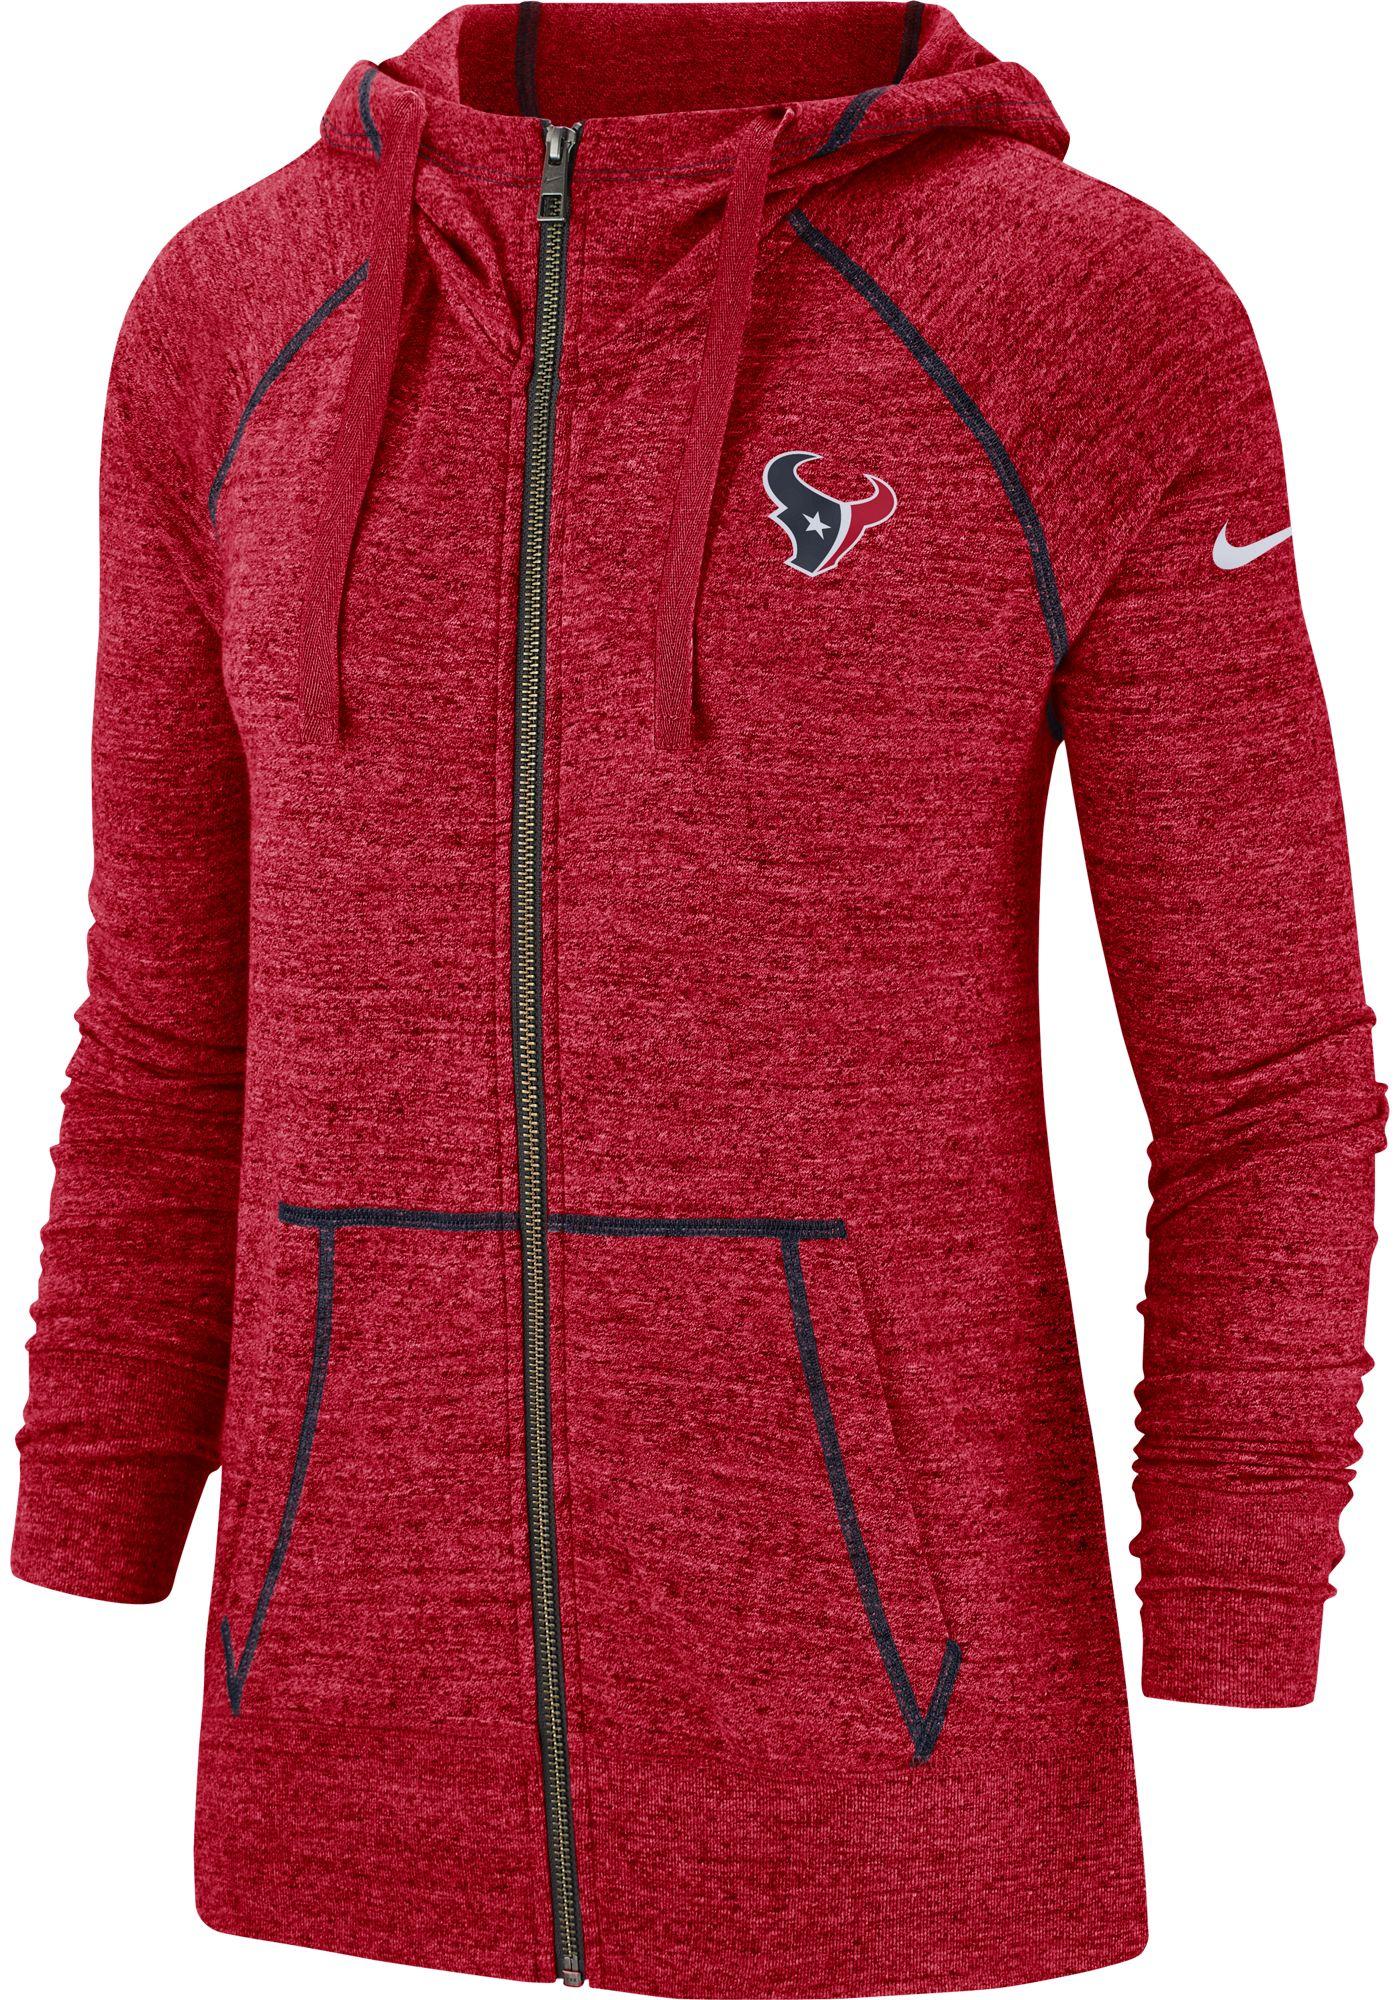 Nike Men's Houston Texans Vintage Red Full-Zip Hoodie